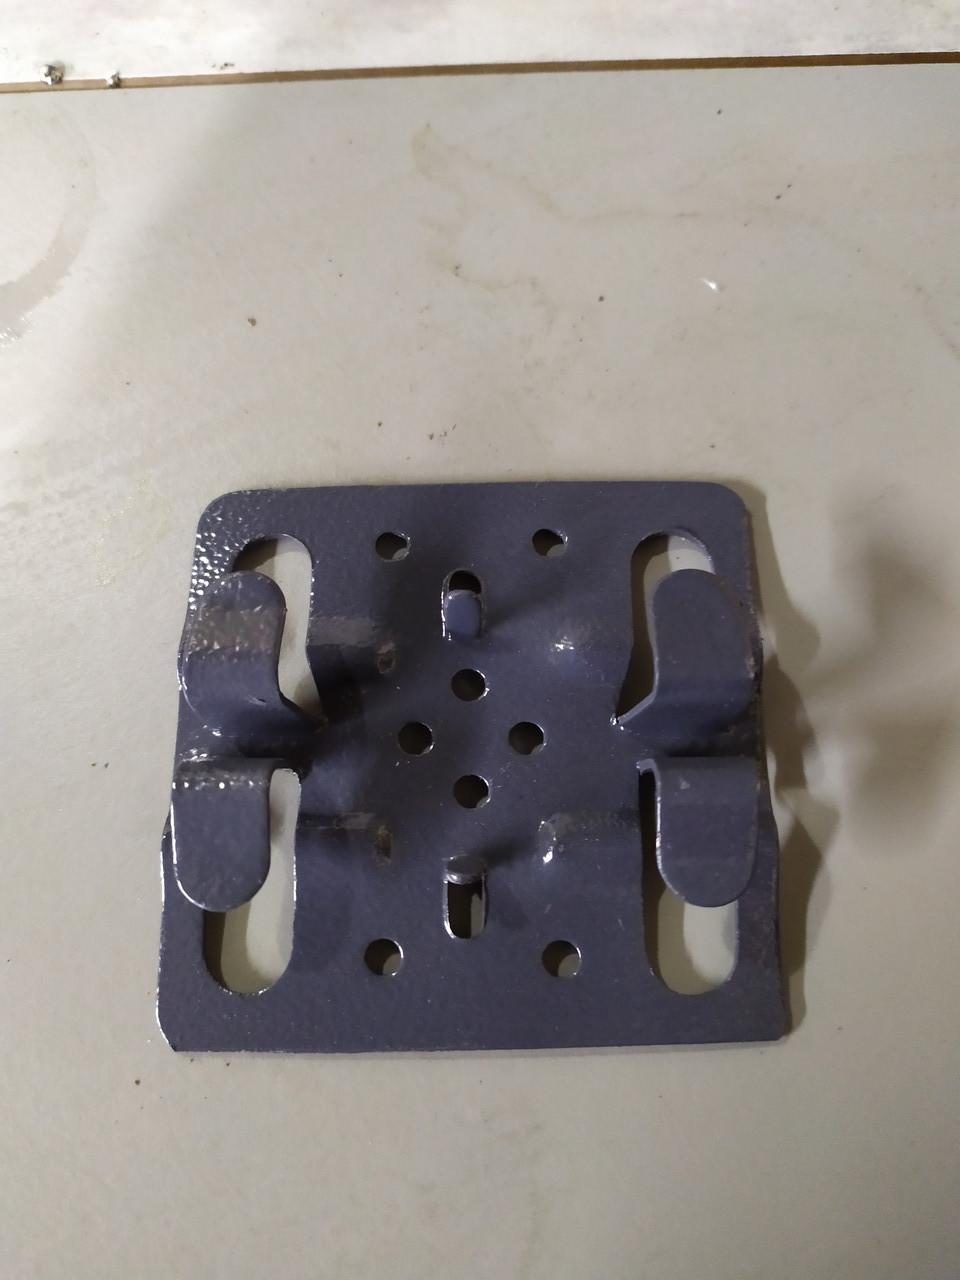 Кляймер из нержавеющей стали для керамогранита окрашенный в графитовый цвет